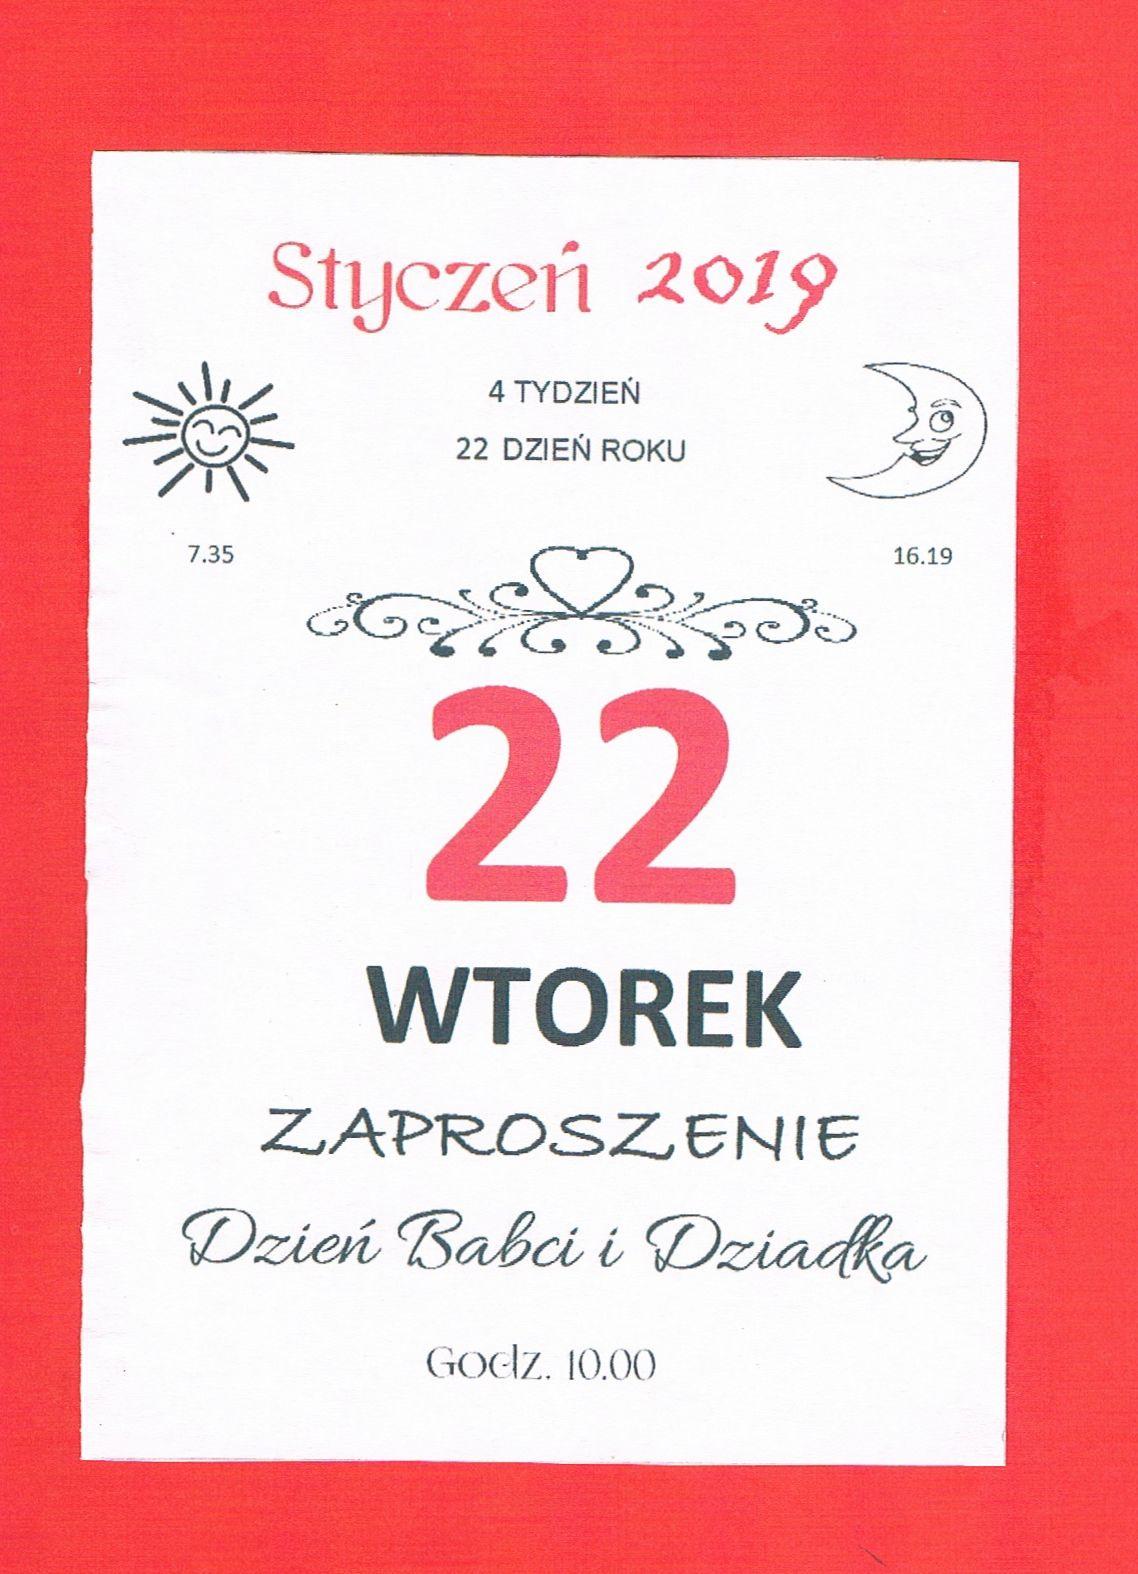 Szkoła Podstawowa Im W Broniewskiego W Lusławicach